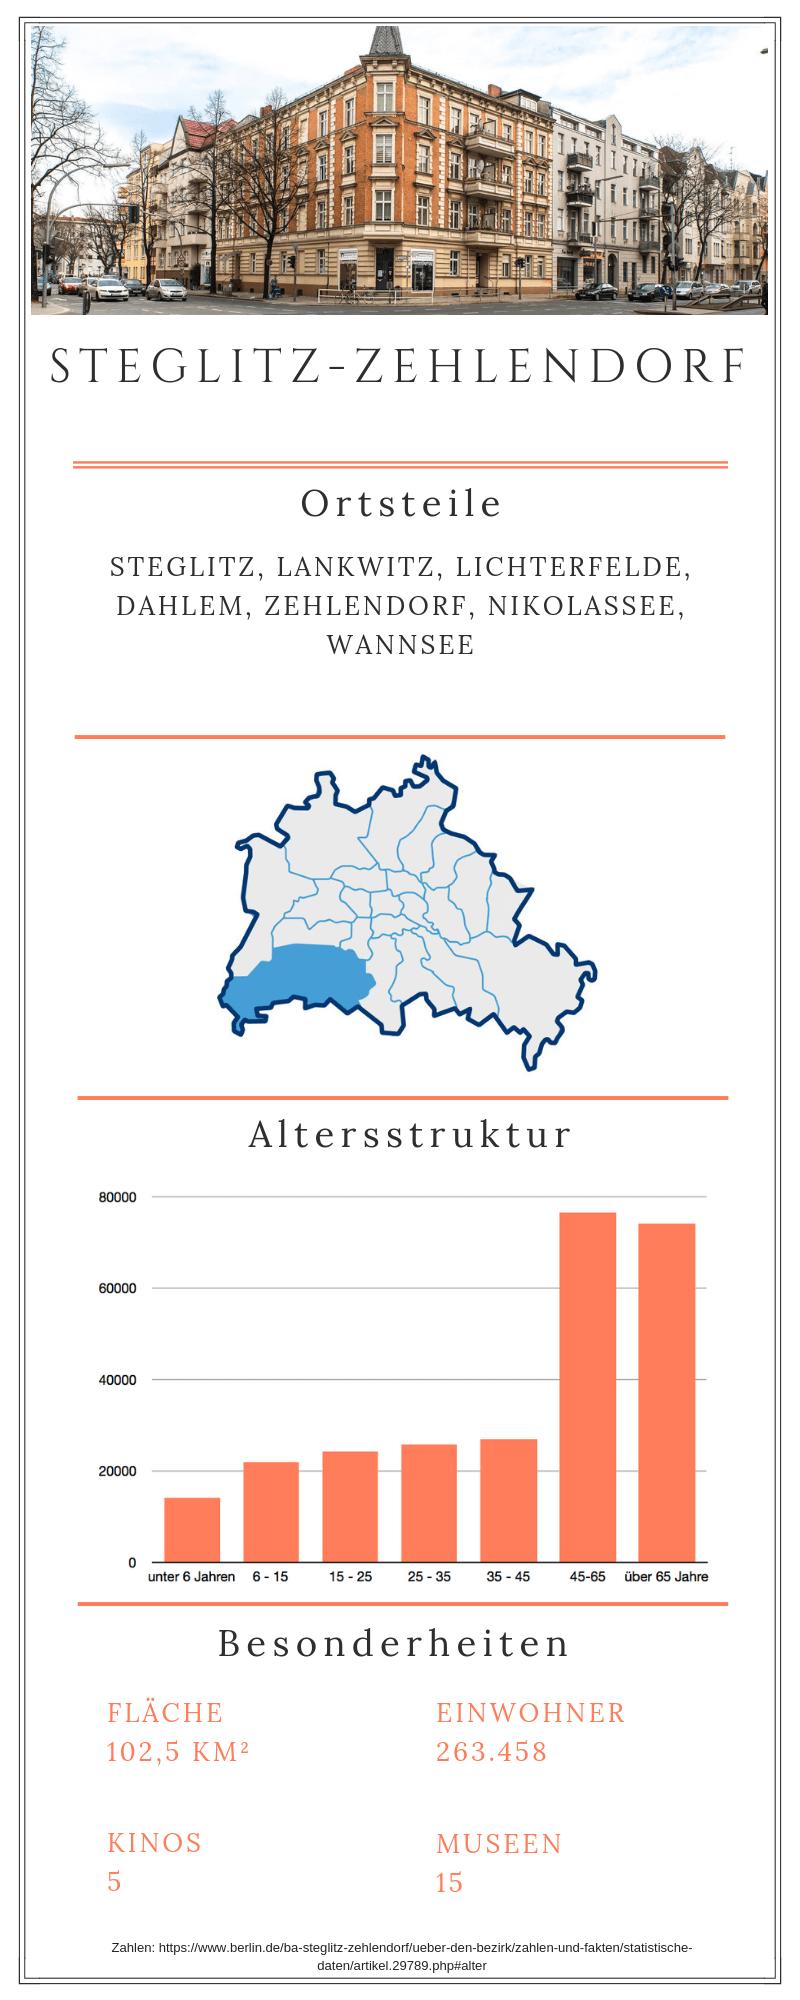 Grafische Darstellung des Bezirks Steglitz Zehlendorf